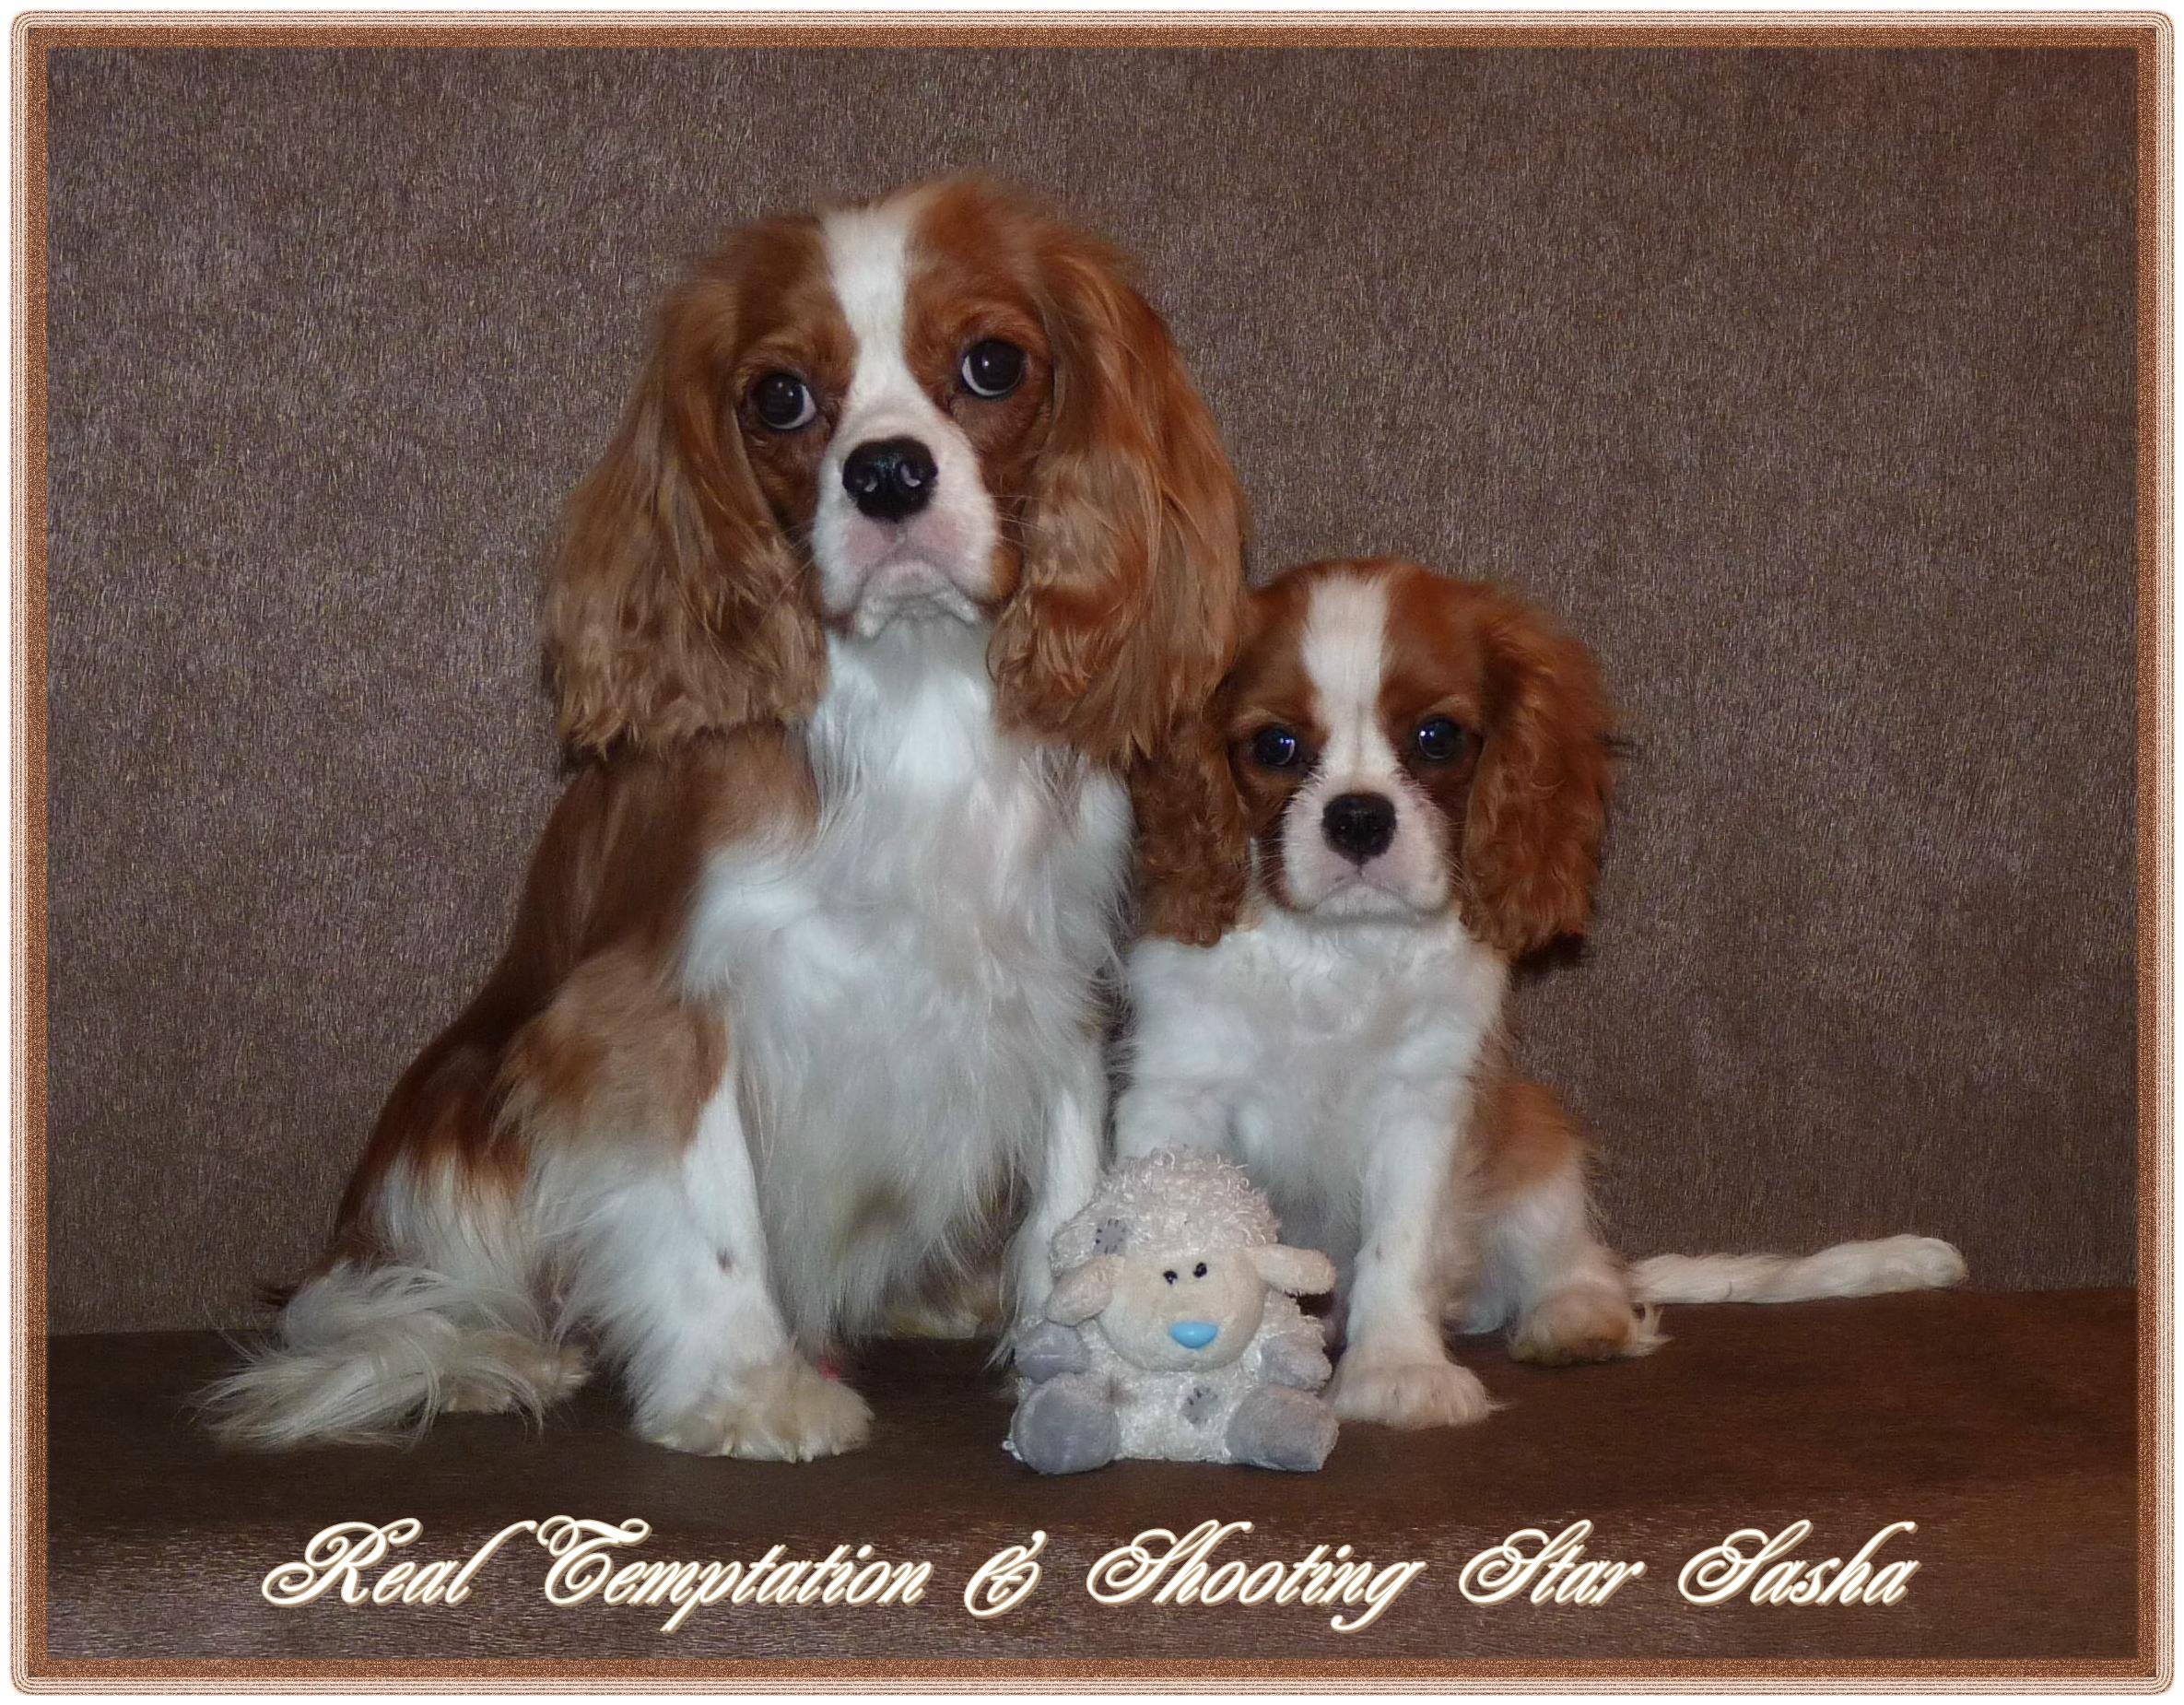 241. Teddy & Sasha